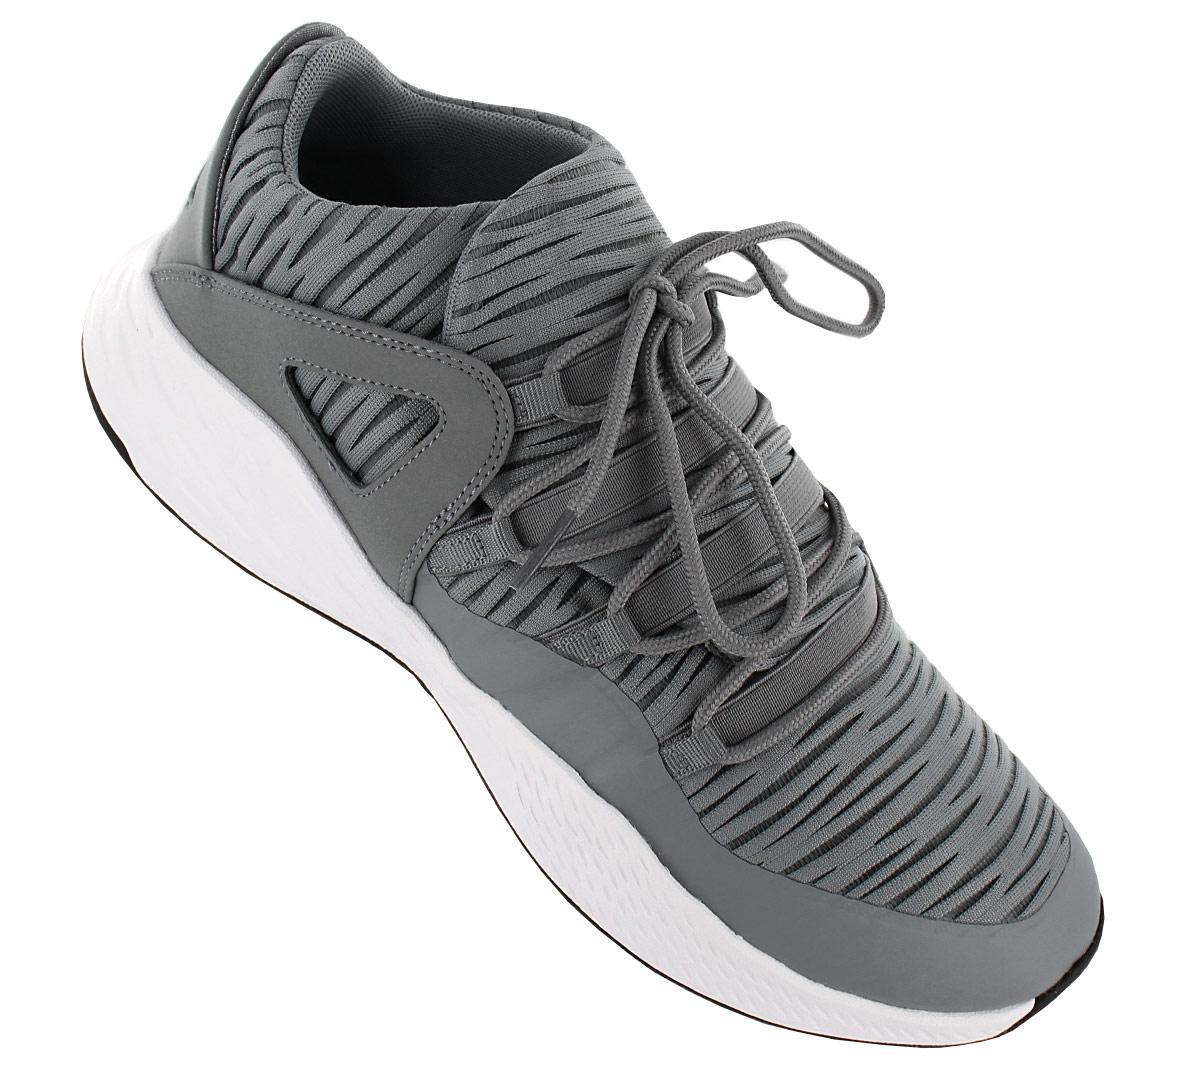 c437174c28cf Nike Air Jordan Formula 23 Low Men s Trainers Shoes 919724 004 New ...